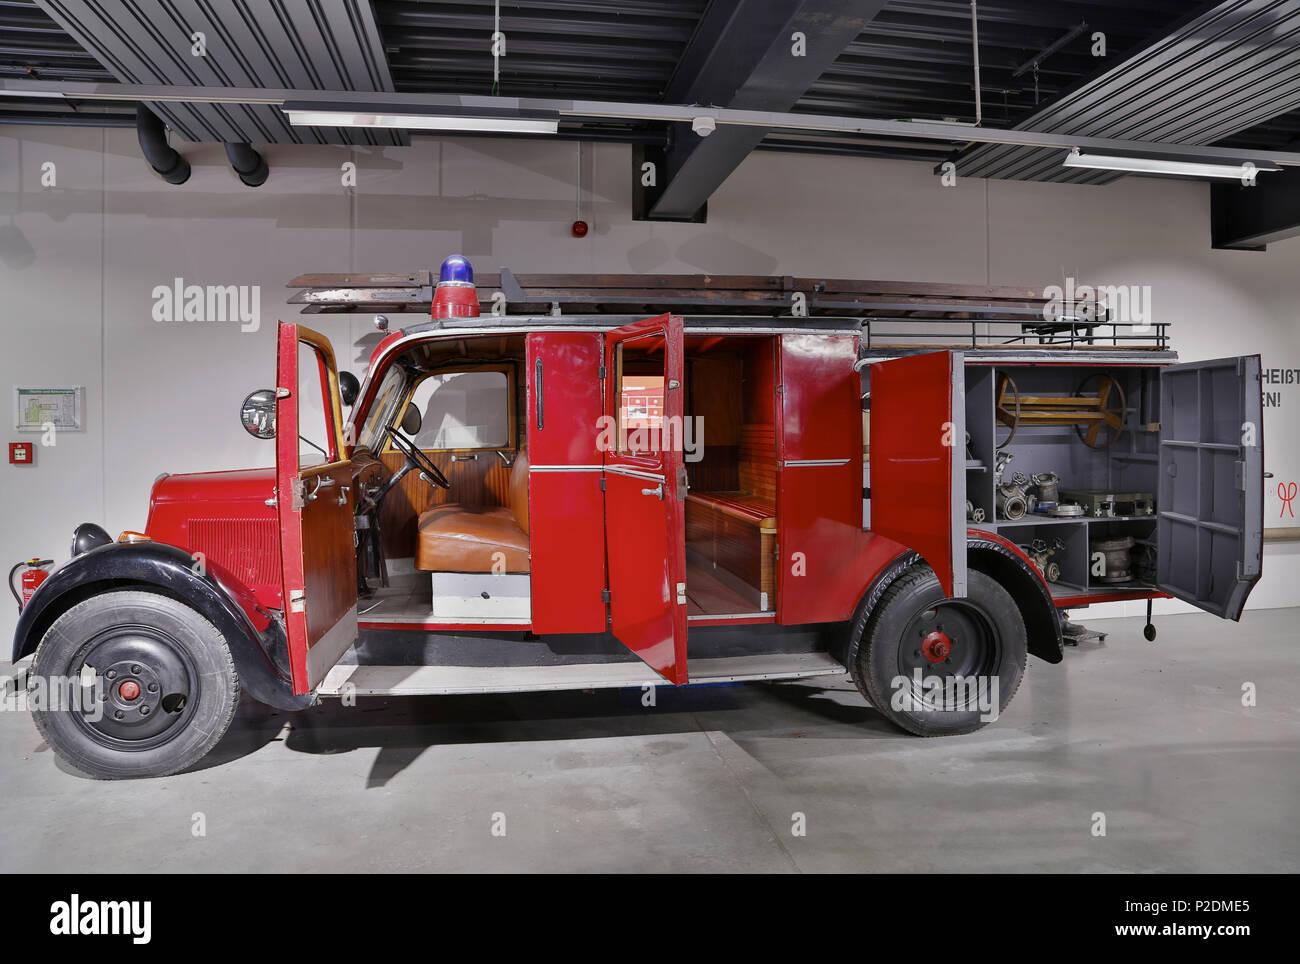 Rheinland-Pfaelzisches Feuerwehrmuseum Fire-Brigade Museum in Hermeskeil, Administrative district of Trier-Saarburg, Region of H - Stock Image